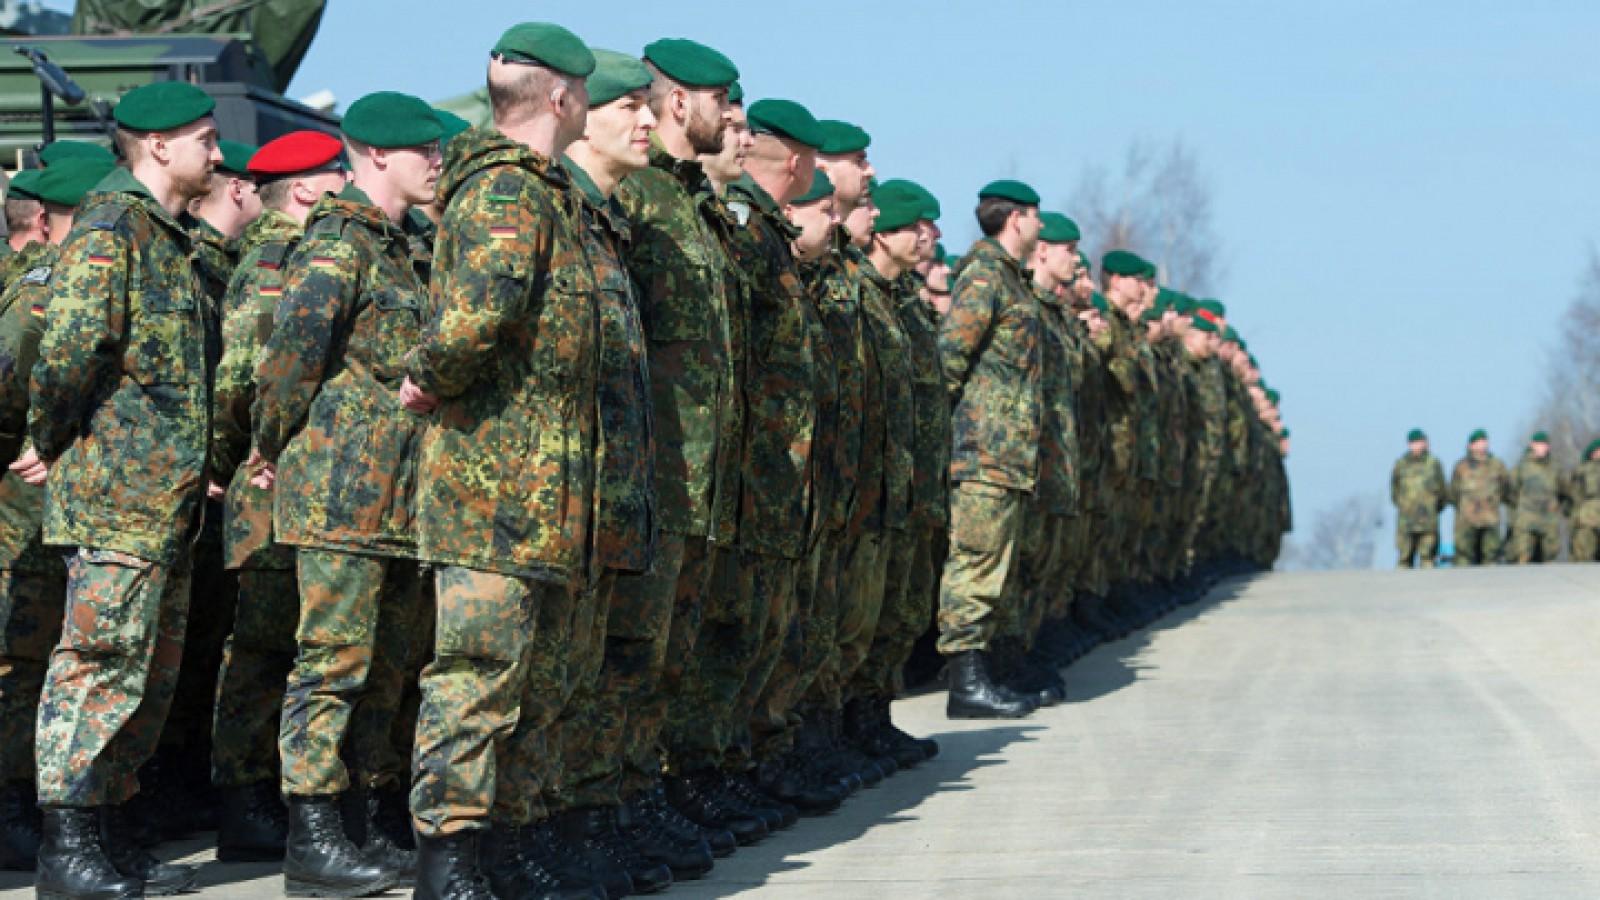 Acuzație: Copii-soldați în armata germană